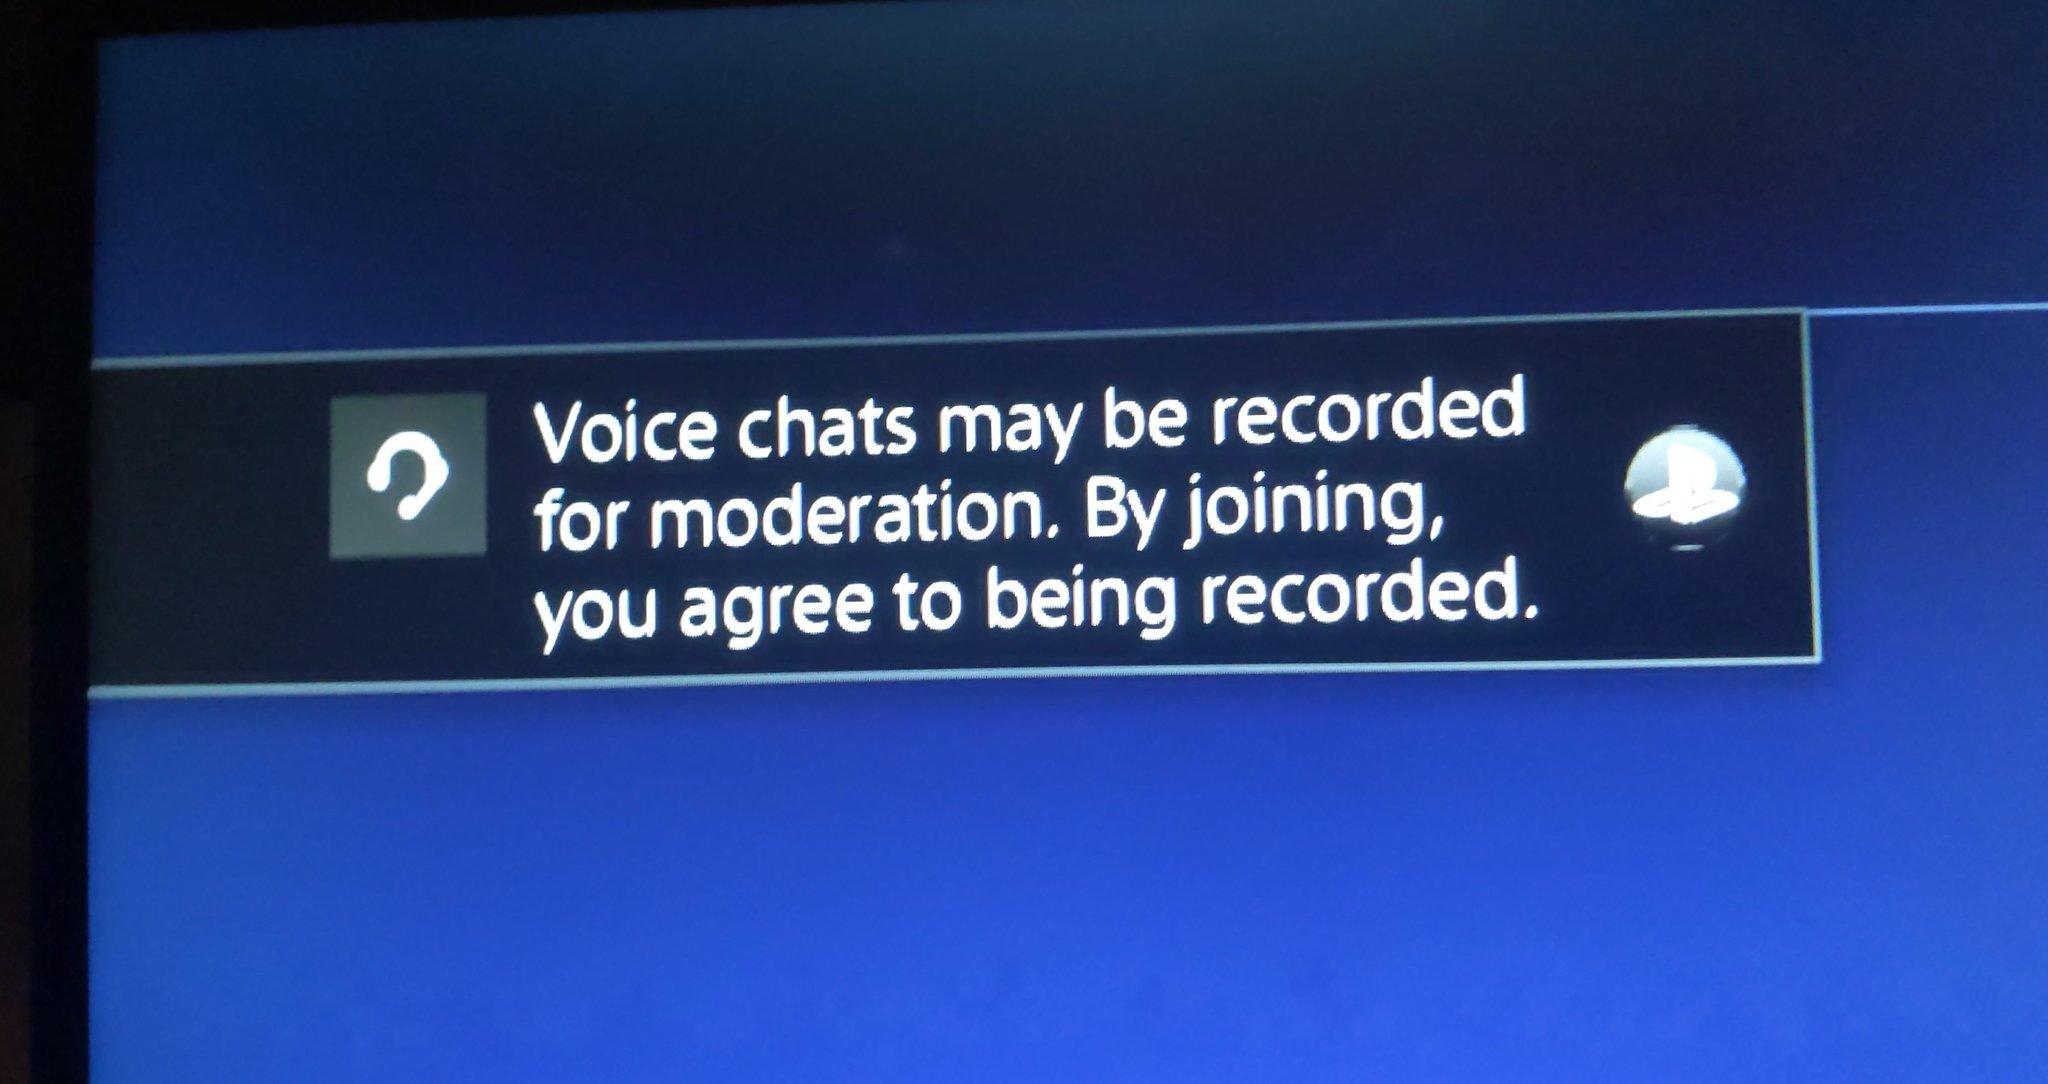 【監控疑雲】Sony澄清PS派對錄音功能只作舉報不當行為 為未有清楚解釋致歉